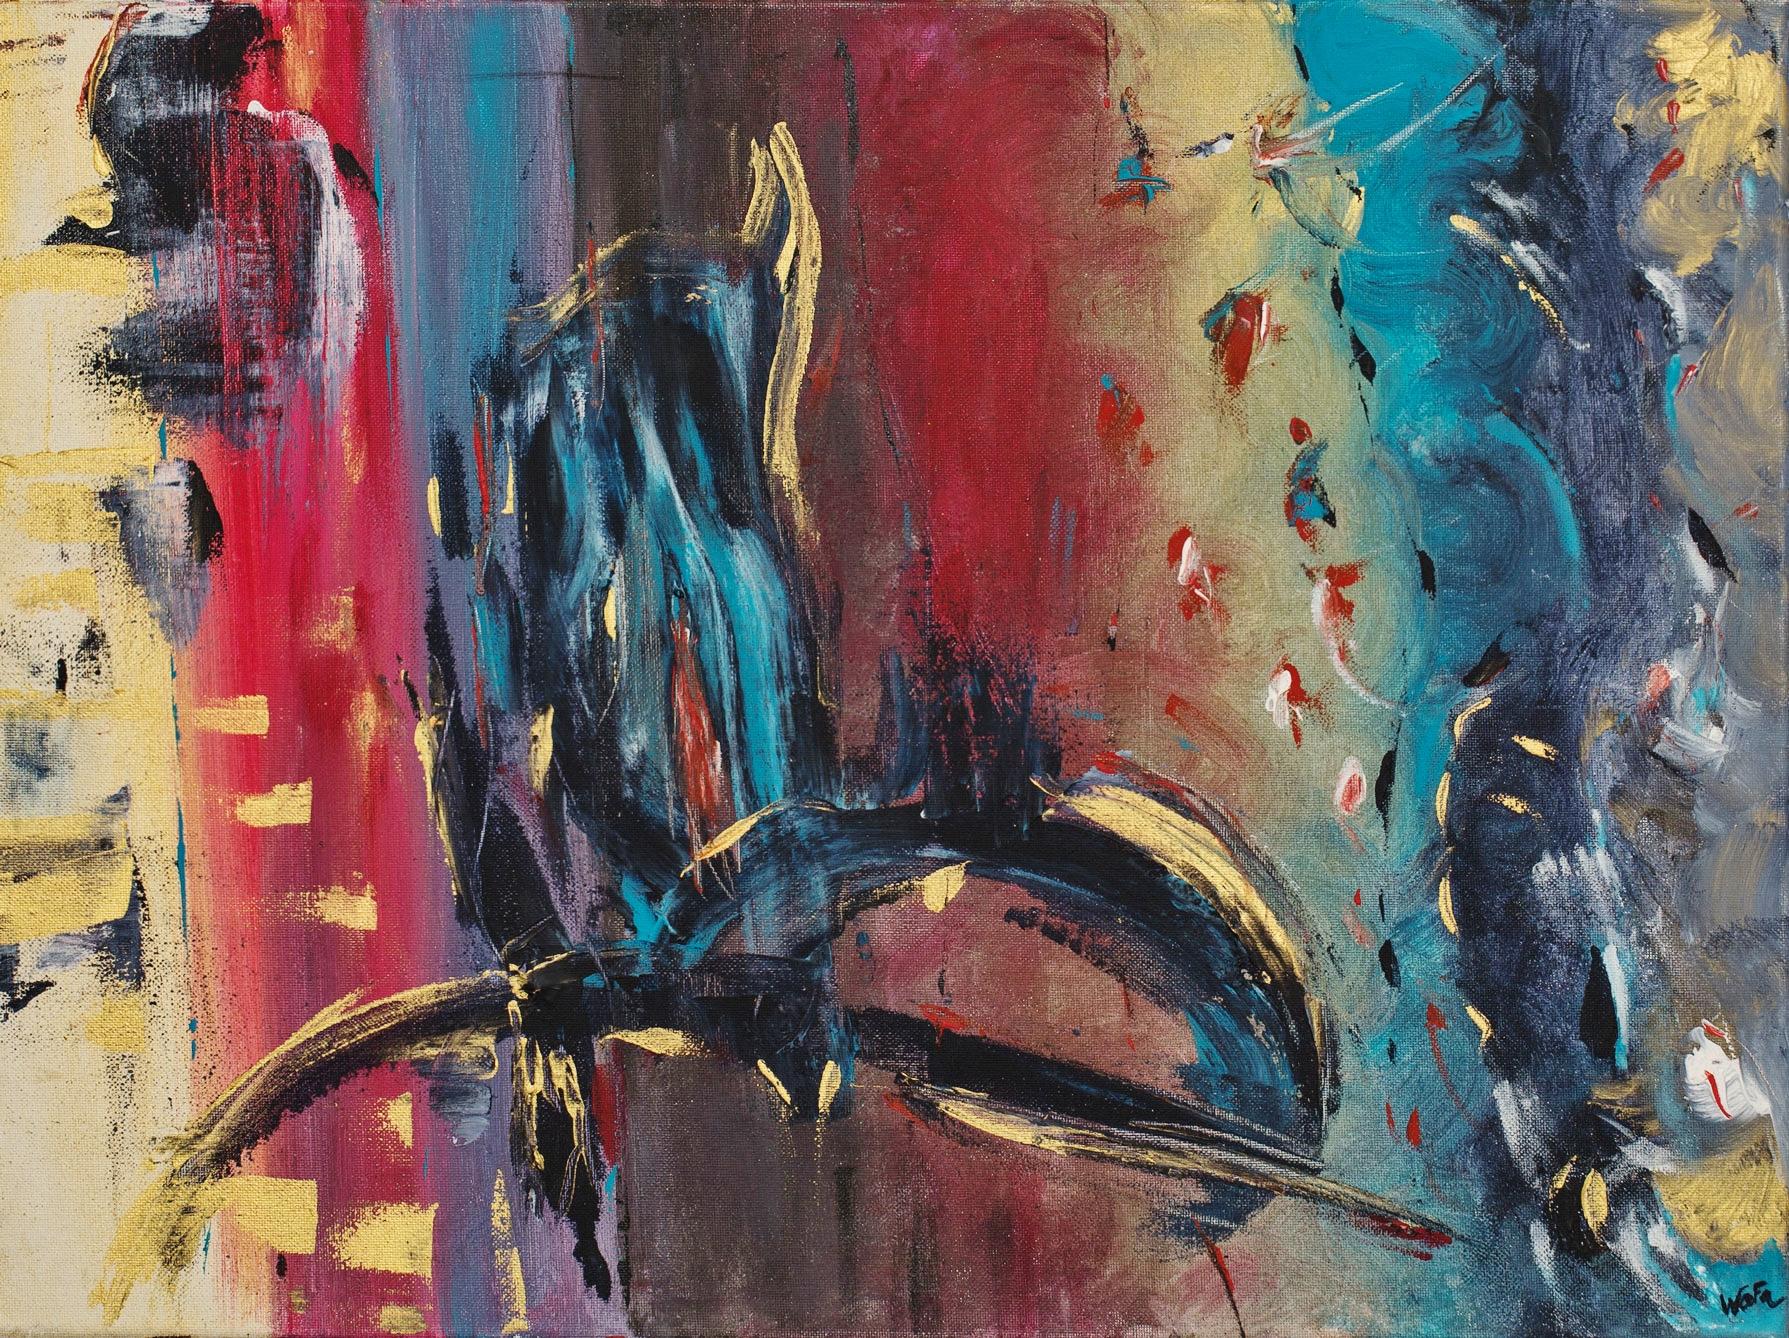 'Watercolors'